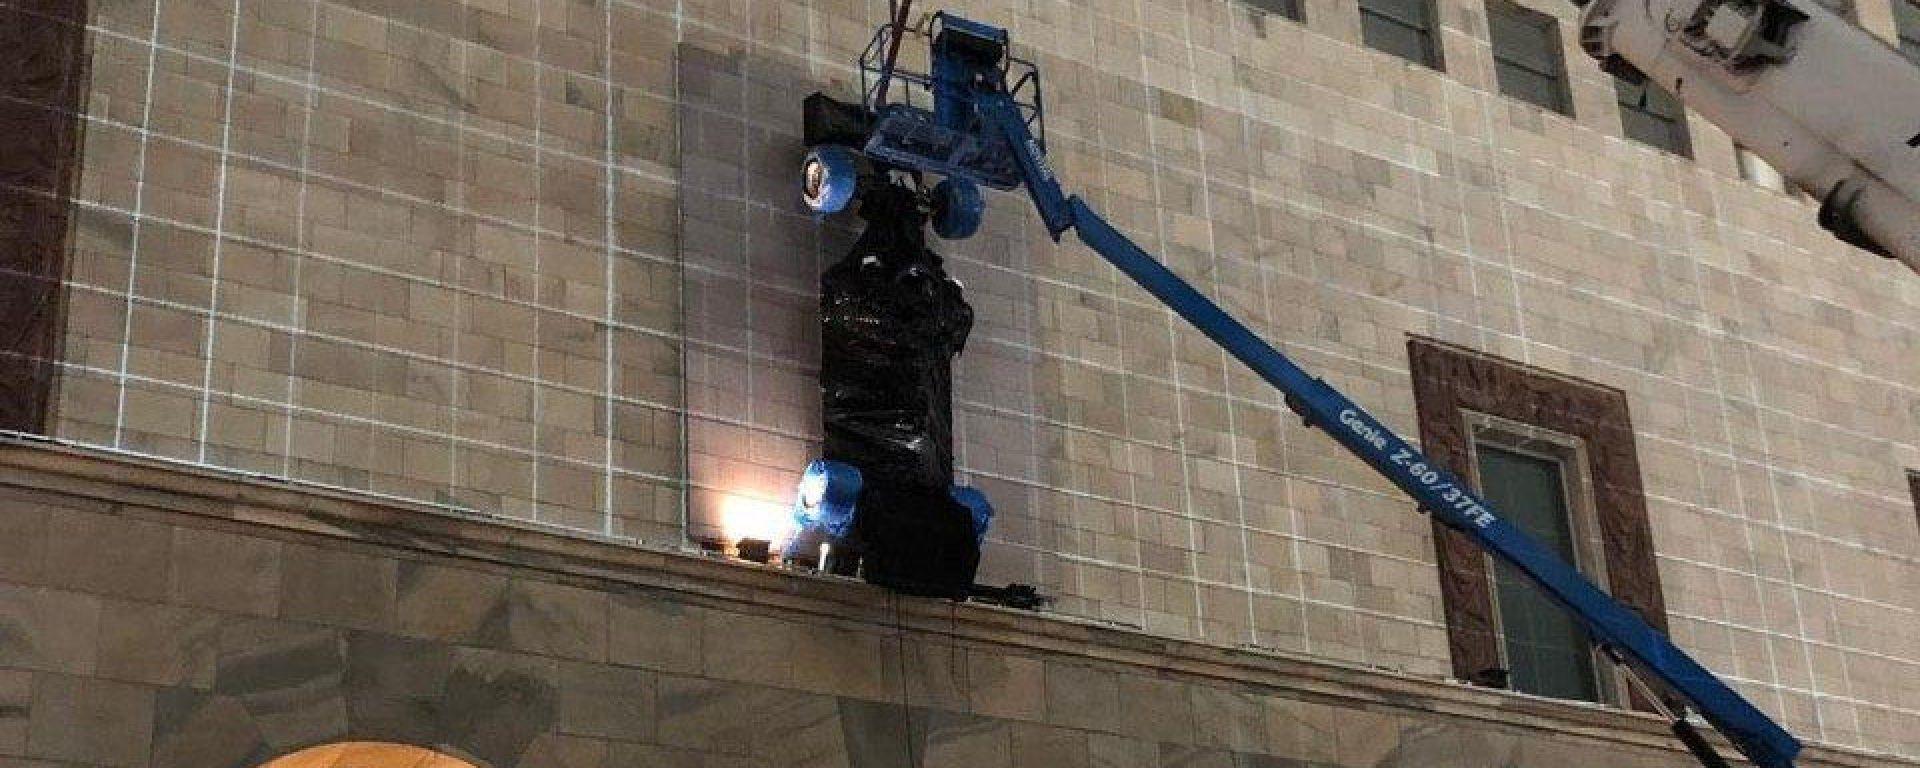 La monoposto volante apparsa presso la Rinascente di piazza Duomo